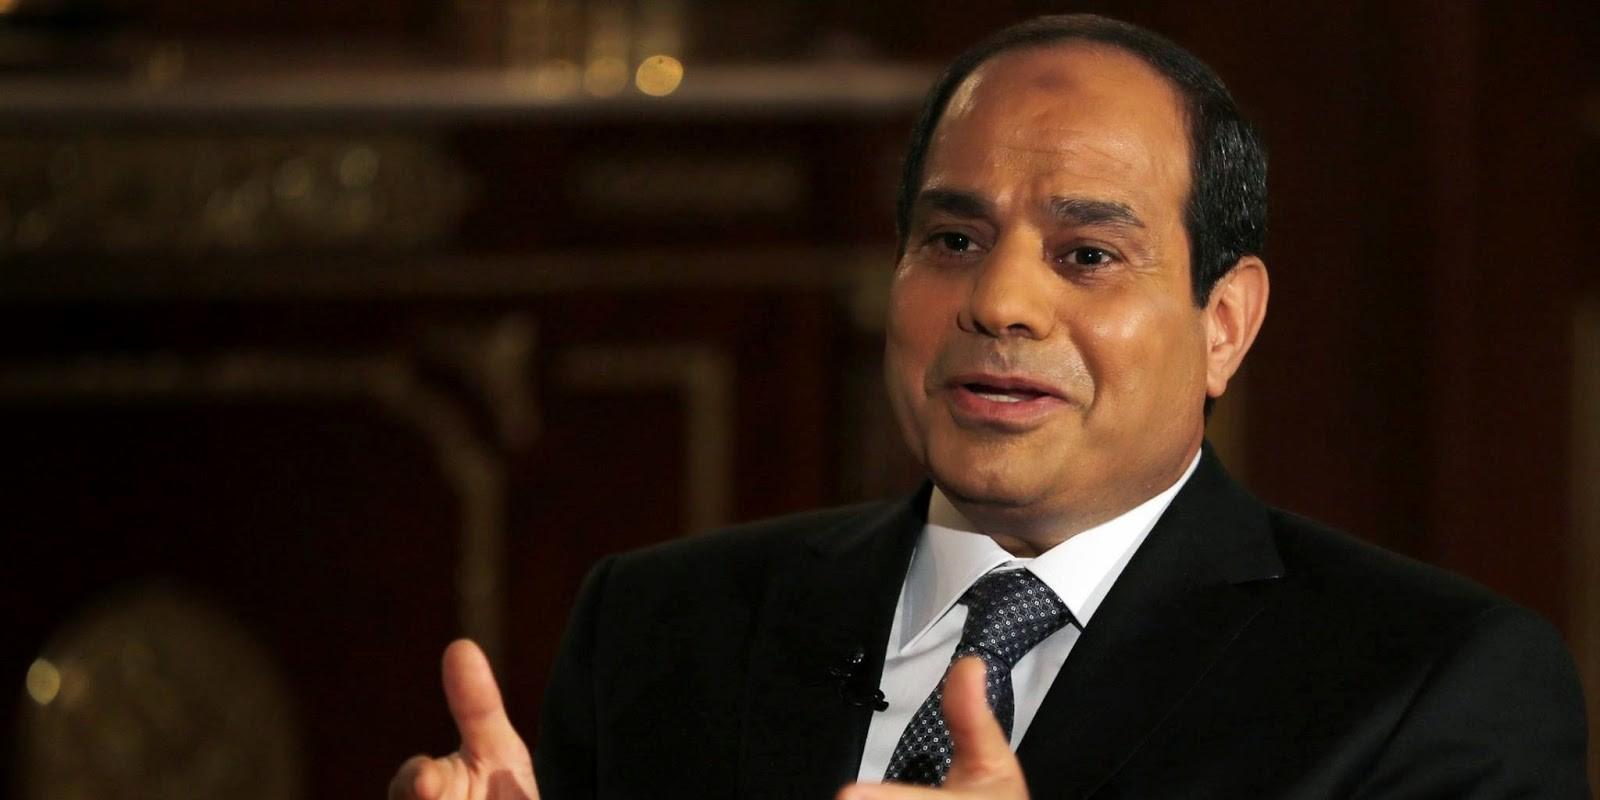 السيسي يصدر عفواً عن مساجين بينهم صحفي الجزيرة و ناشطون آخرون